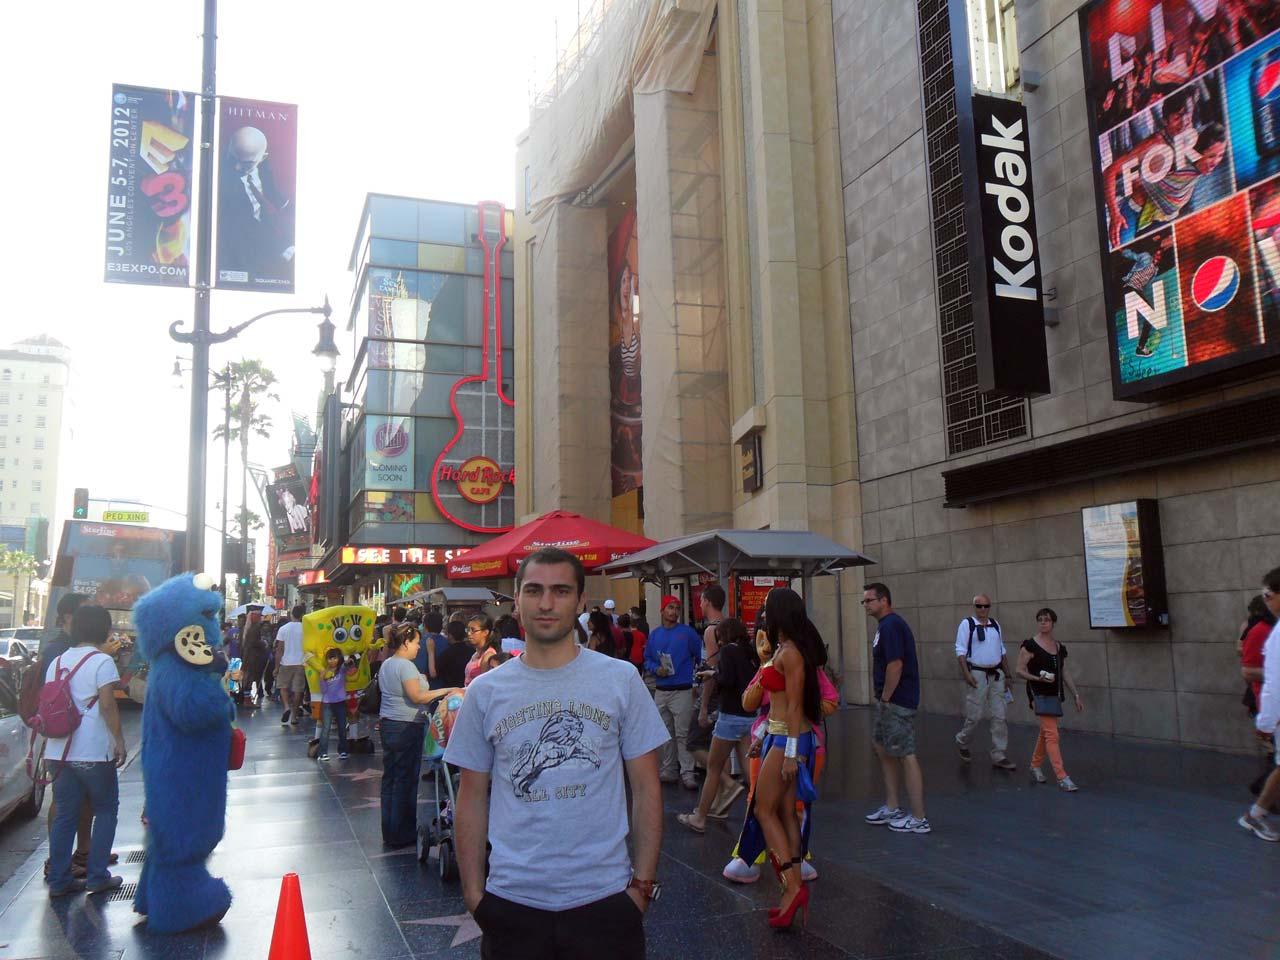 Arkada Hard Rock Cafe var. Kendisi  gezimizde ayrı bir yere sahip..İçine girmesek de gittiğimiz yerlerde fotoğraflarını çektik…